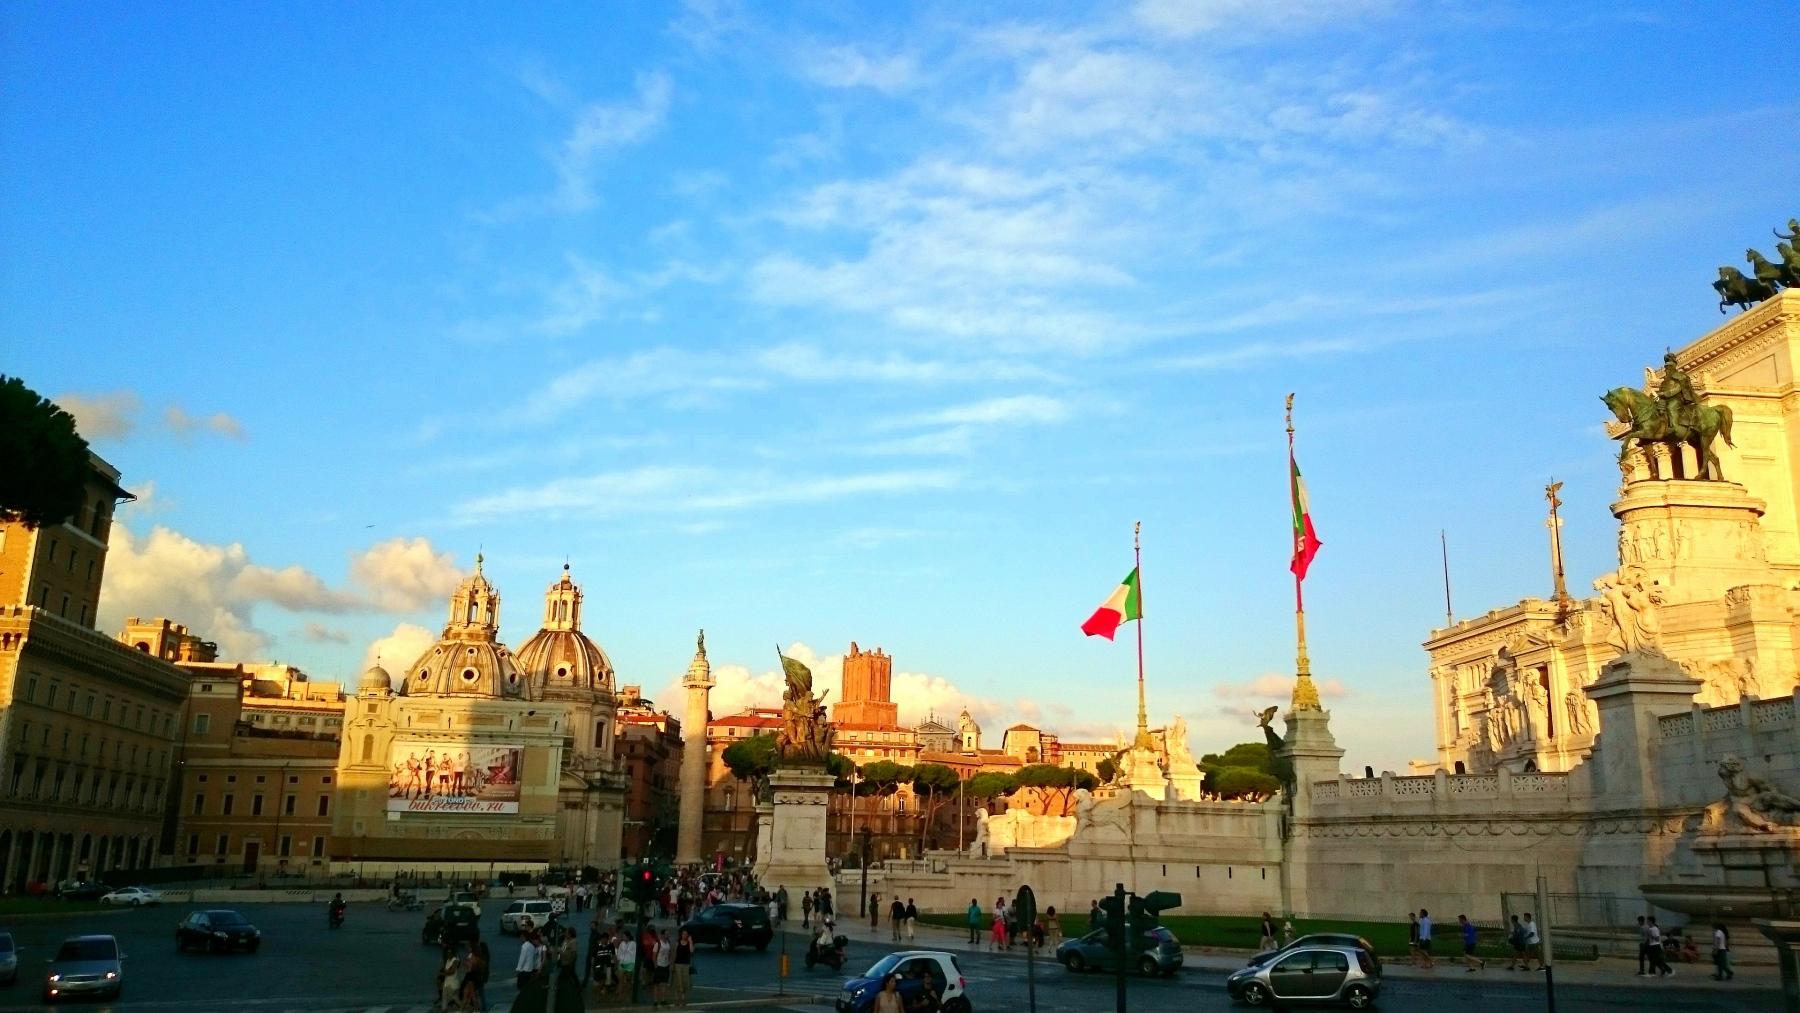 Piazza Venezia 51